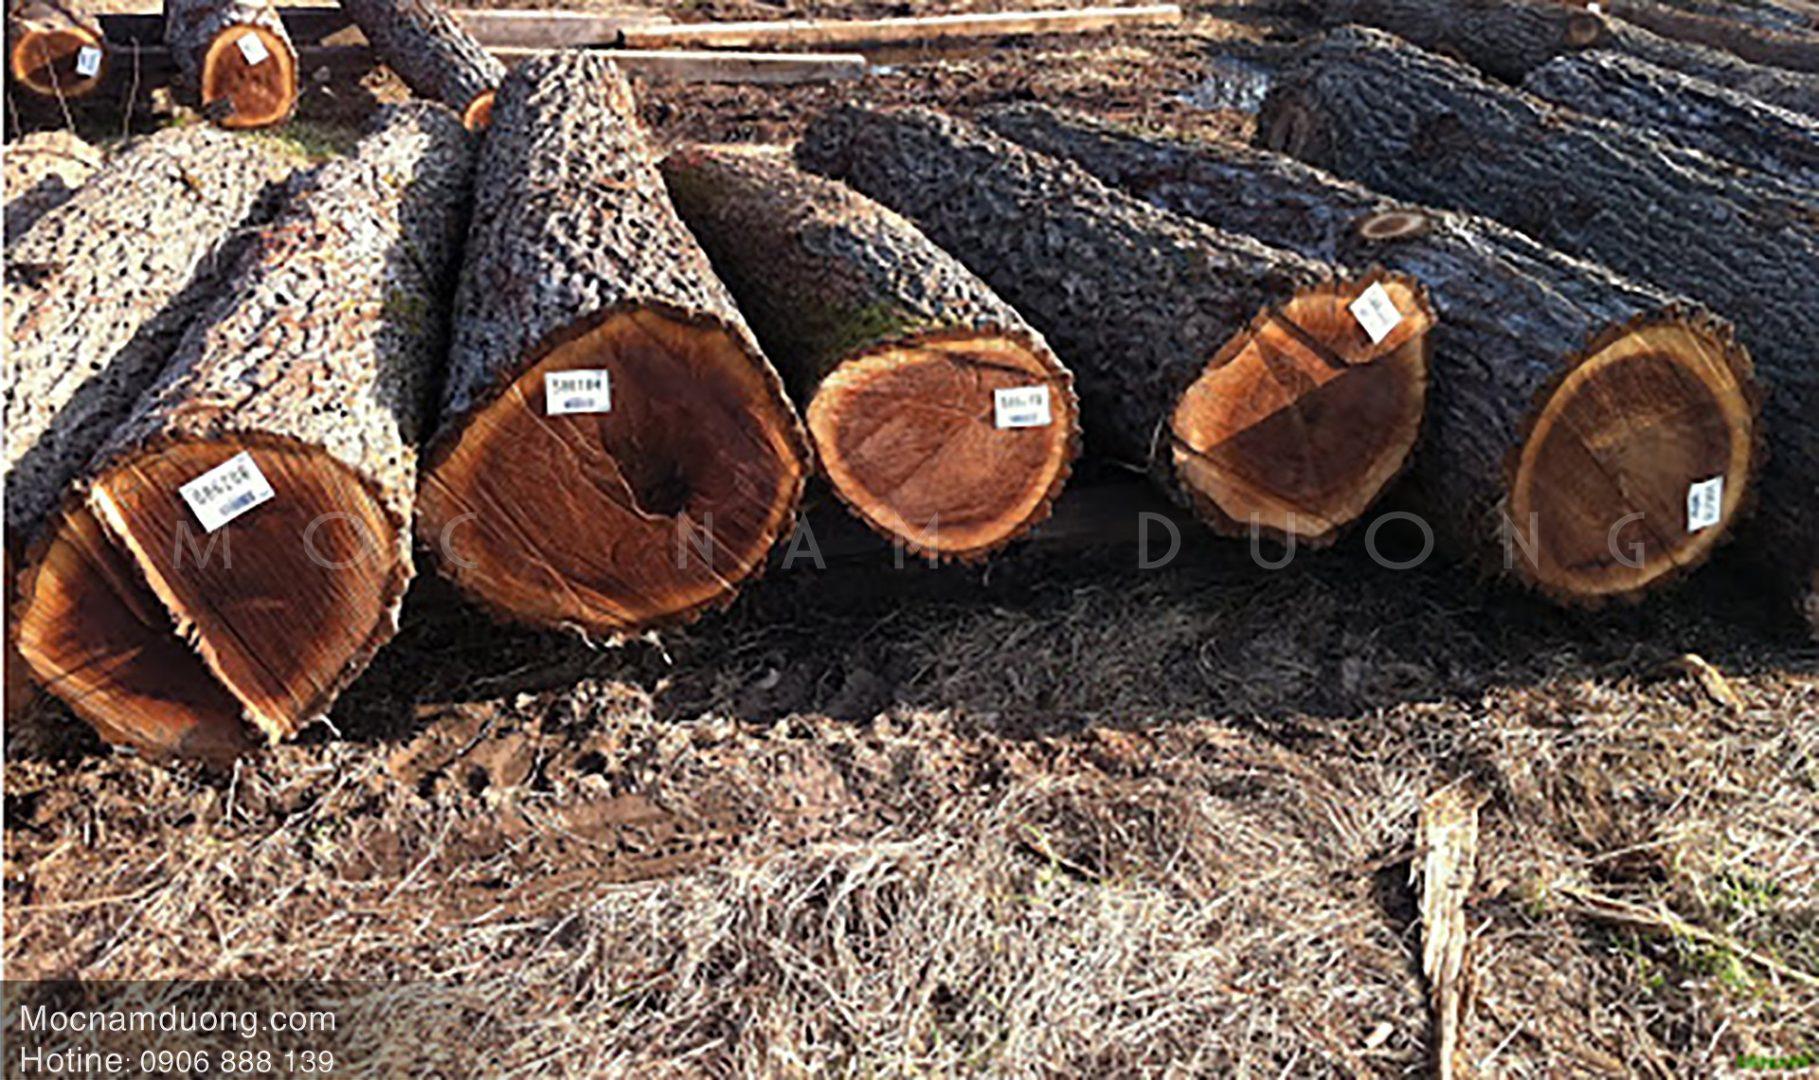 Gỗ óc chó tốt nhất là gỗ óc chó nhập khẩu từ Bắc Mỹ